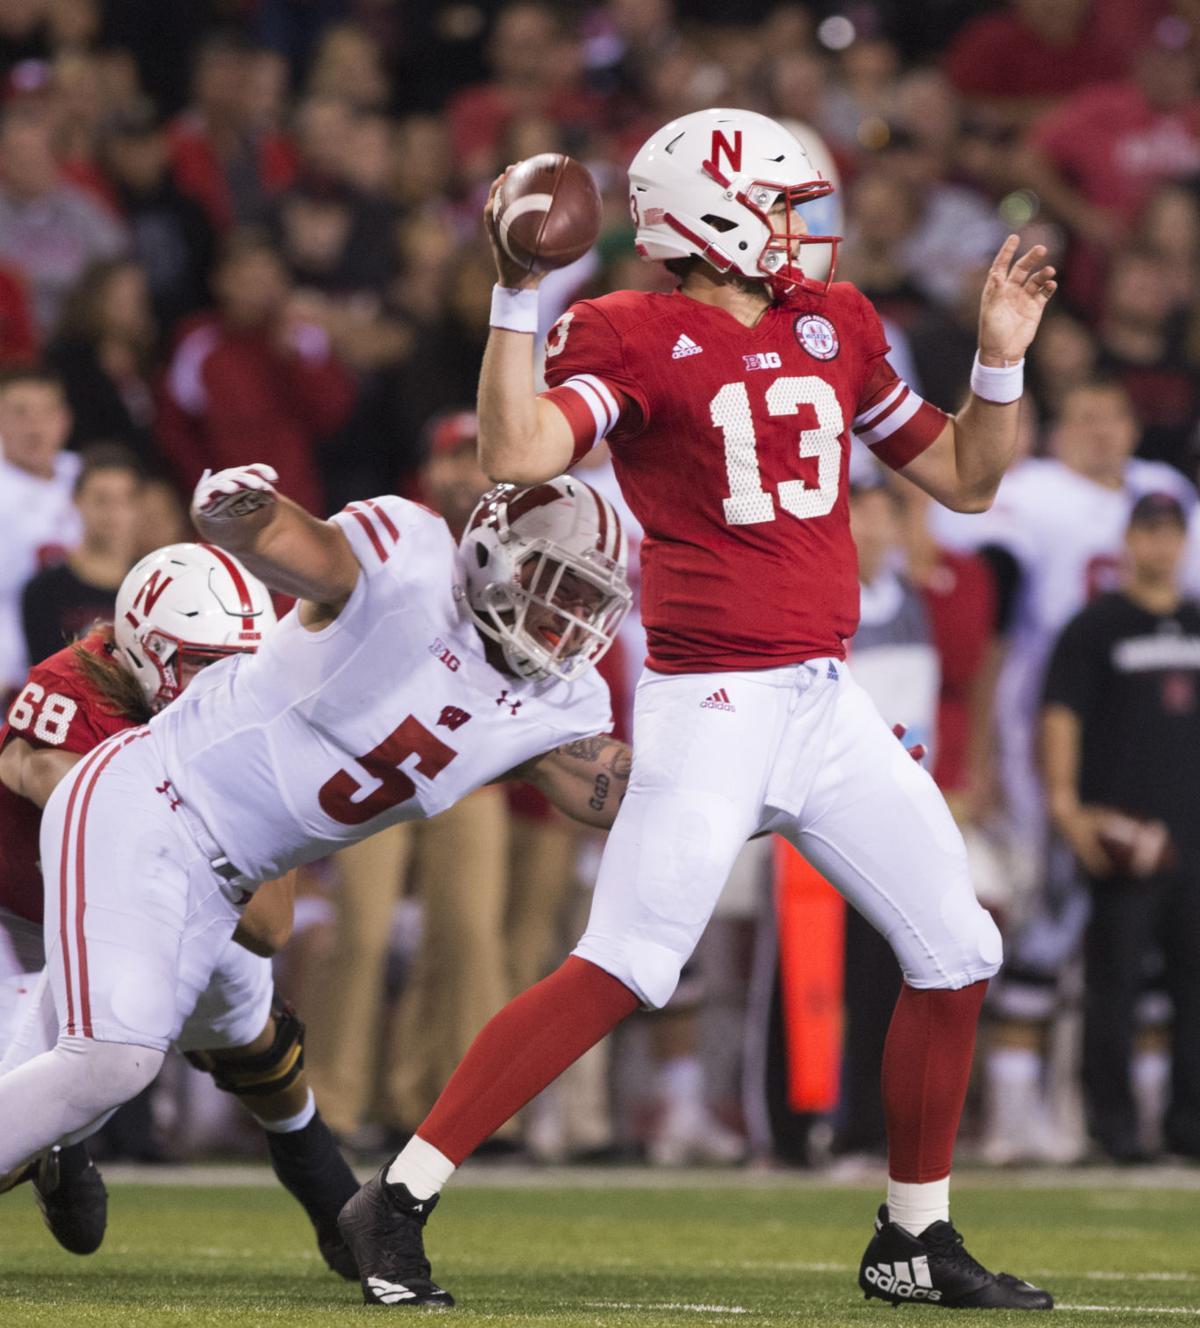 Wisconsin vs. Nebraska, 10/7/17